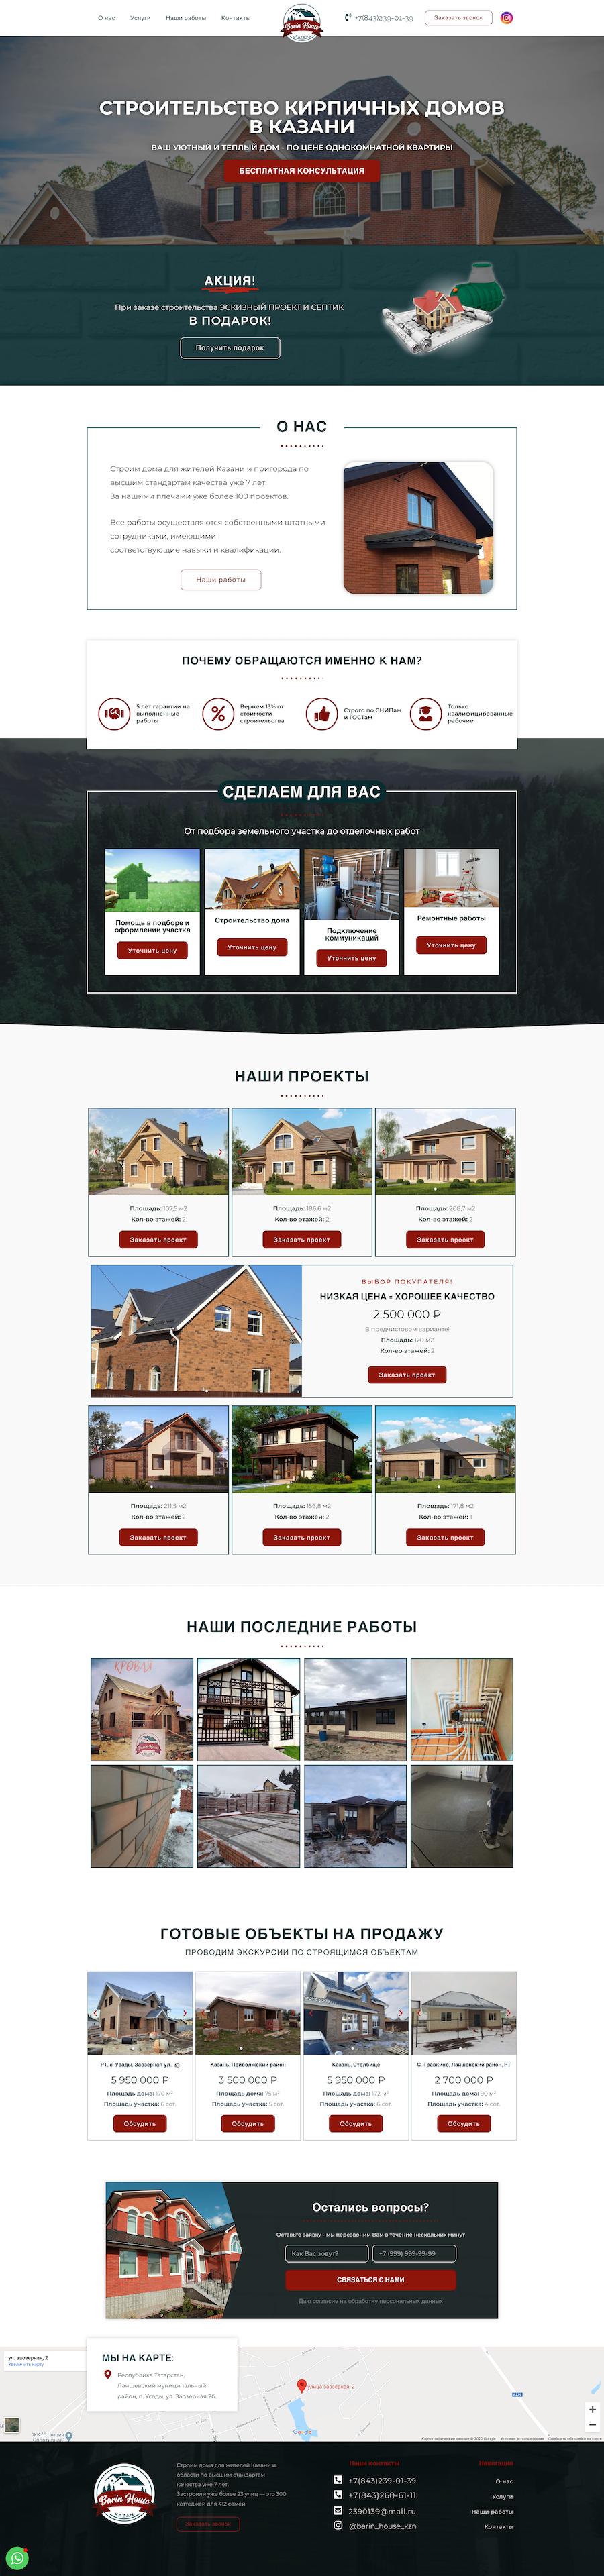 Строительство кирпичных домов